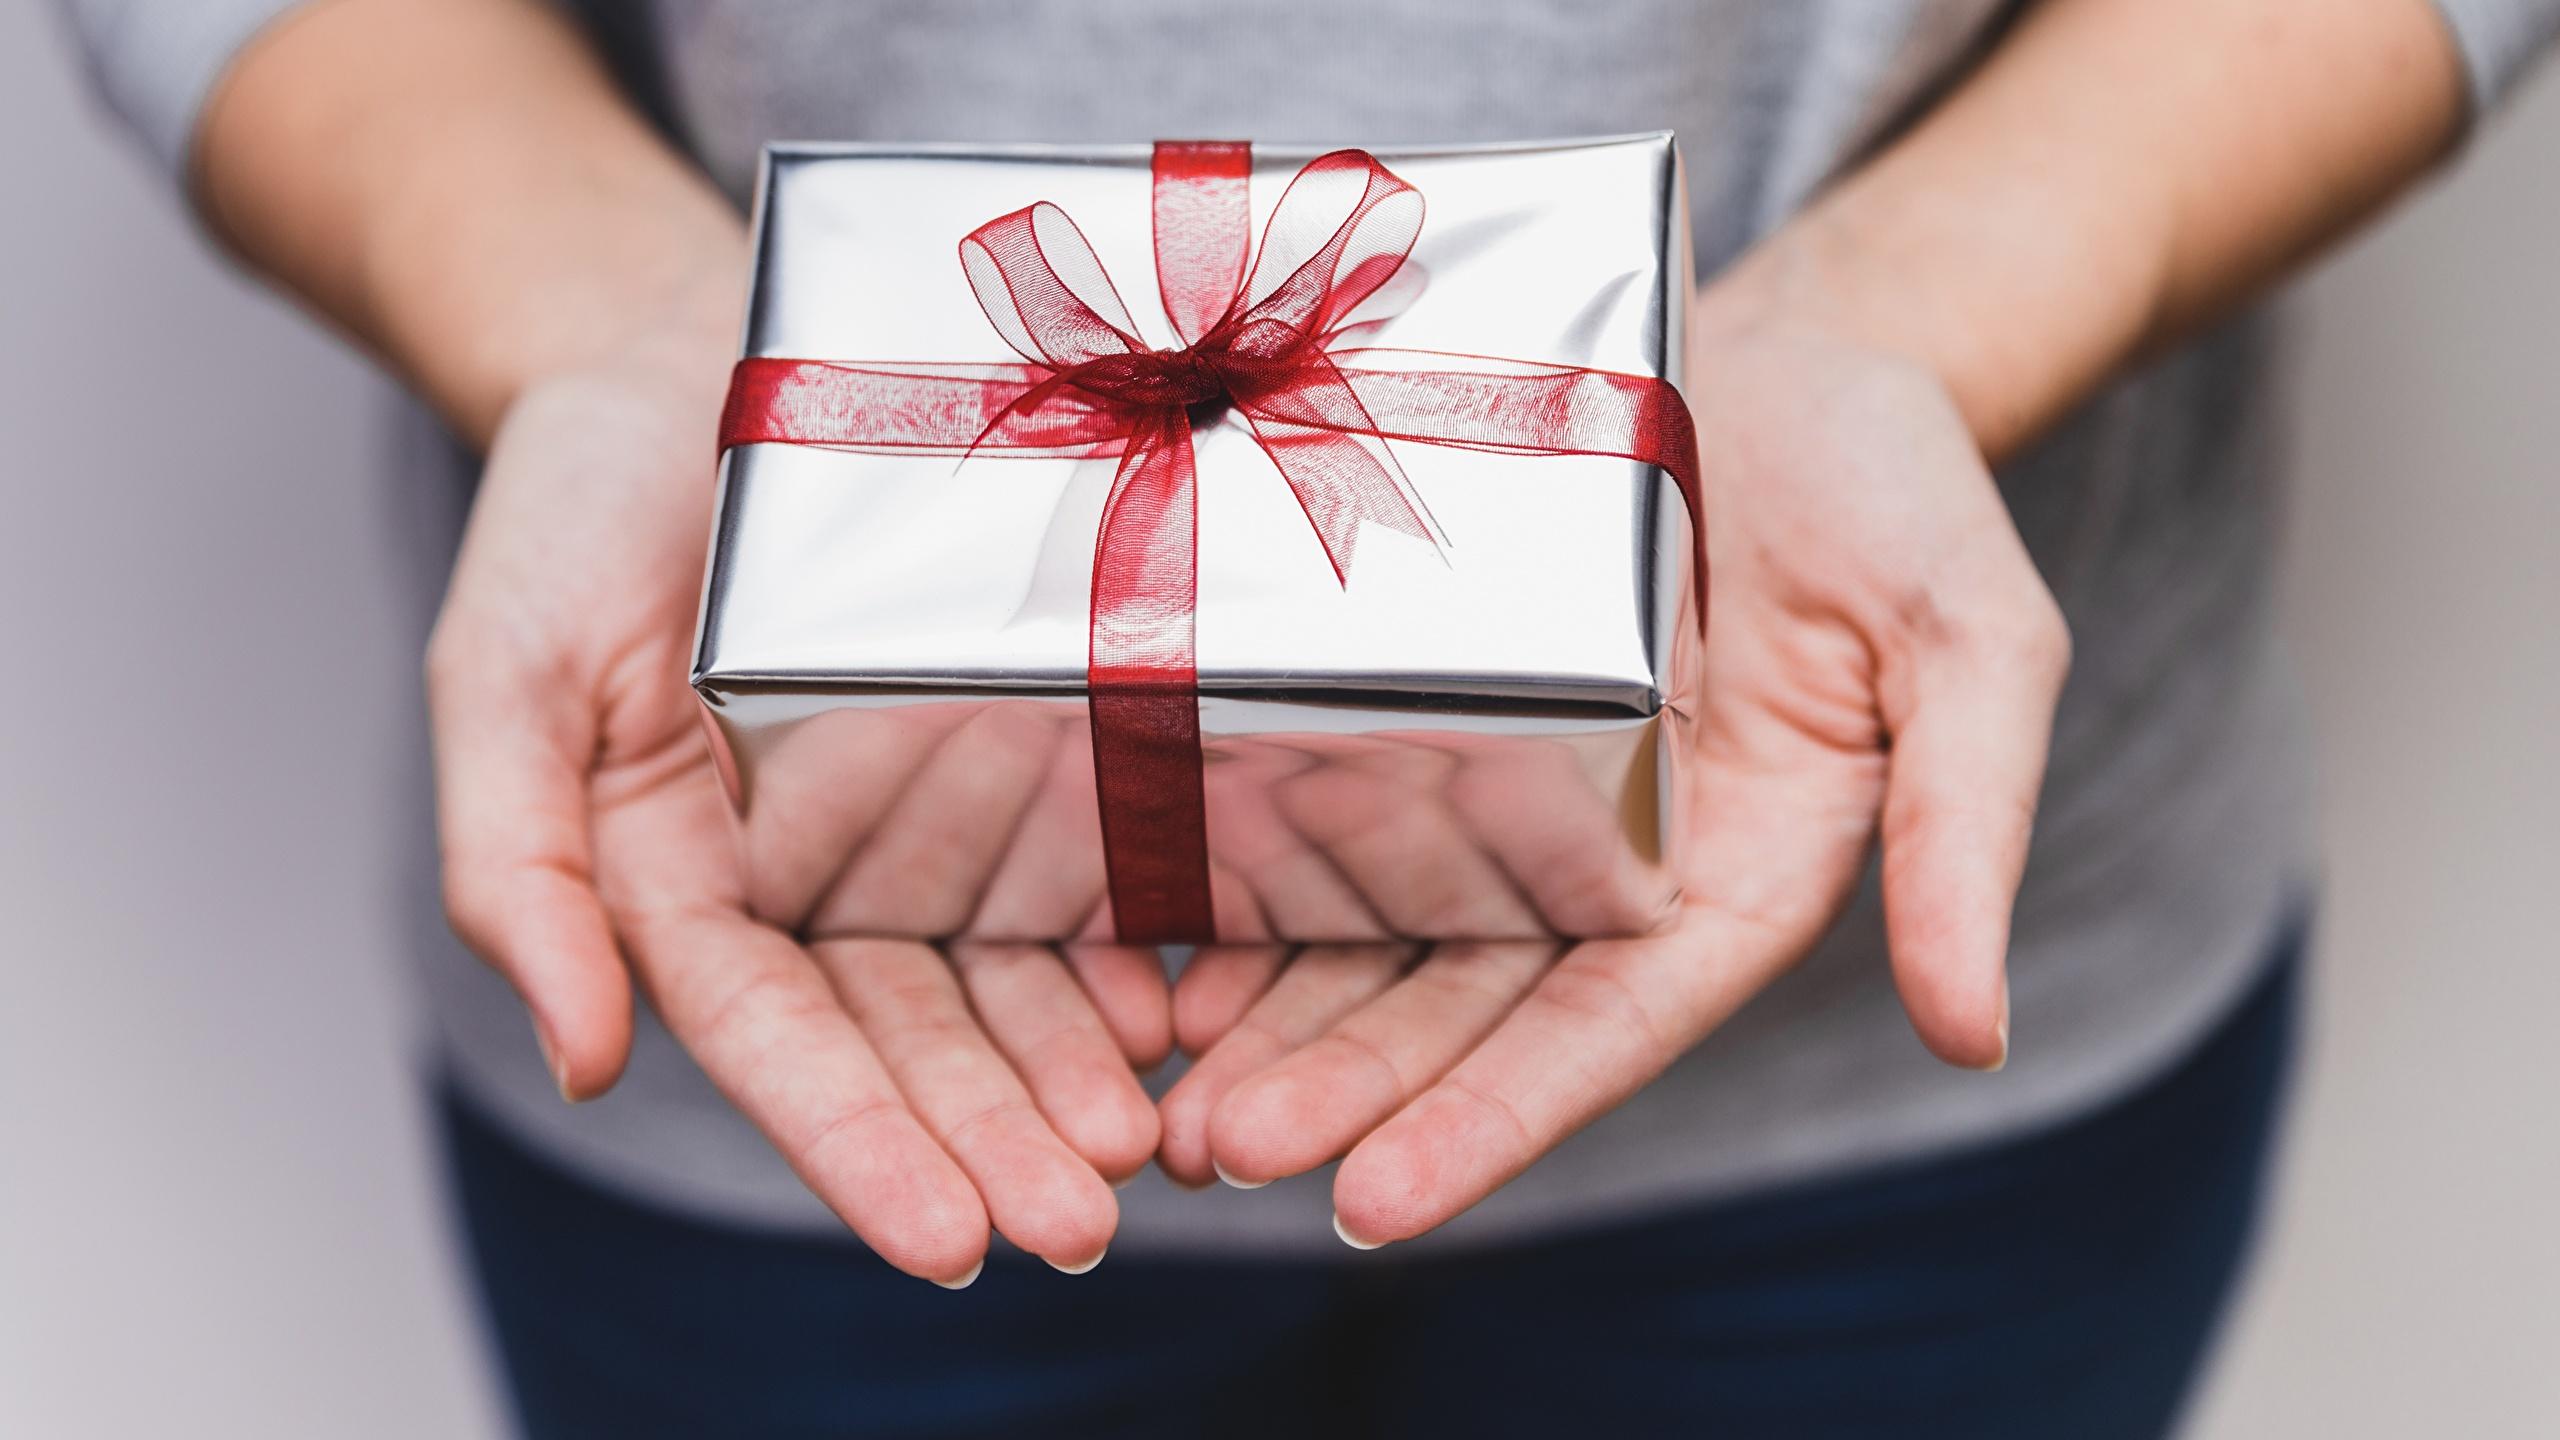 Несчастливые. Подарки, которые не стоит дарить на Новый год в 2021 году